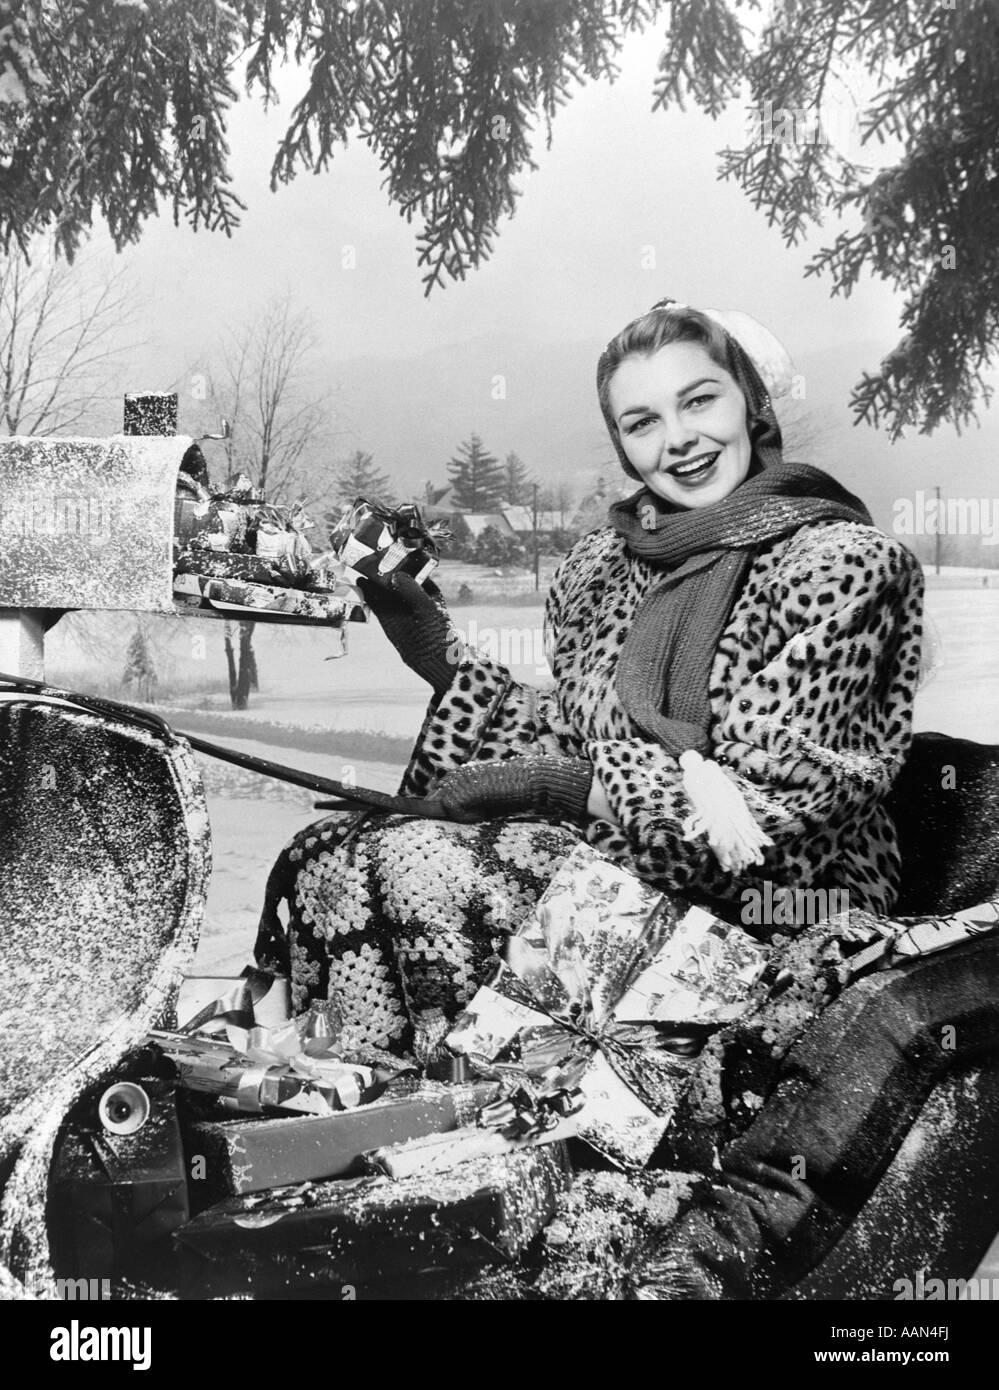 1950 MUJER sonriente mirando a la cámara paseos en trineo vistiendo abrigo de pieles de leopardo al buzón Imagen De Stock